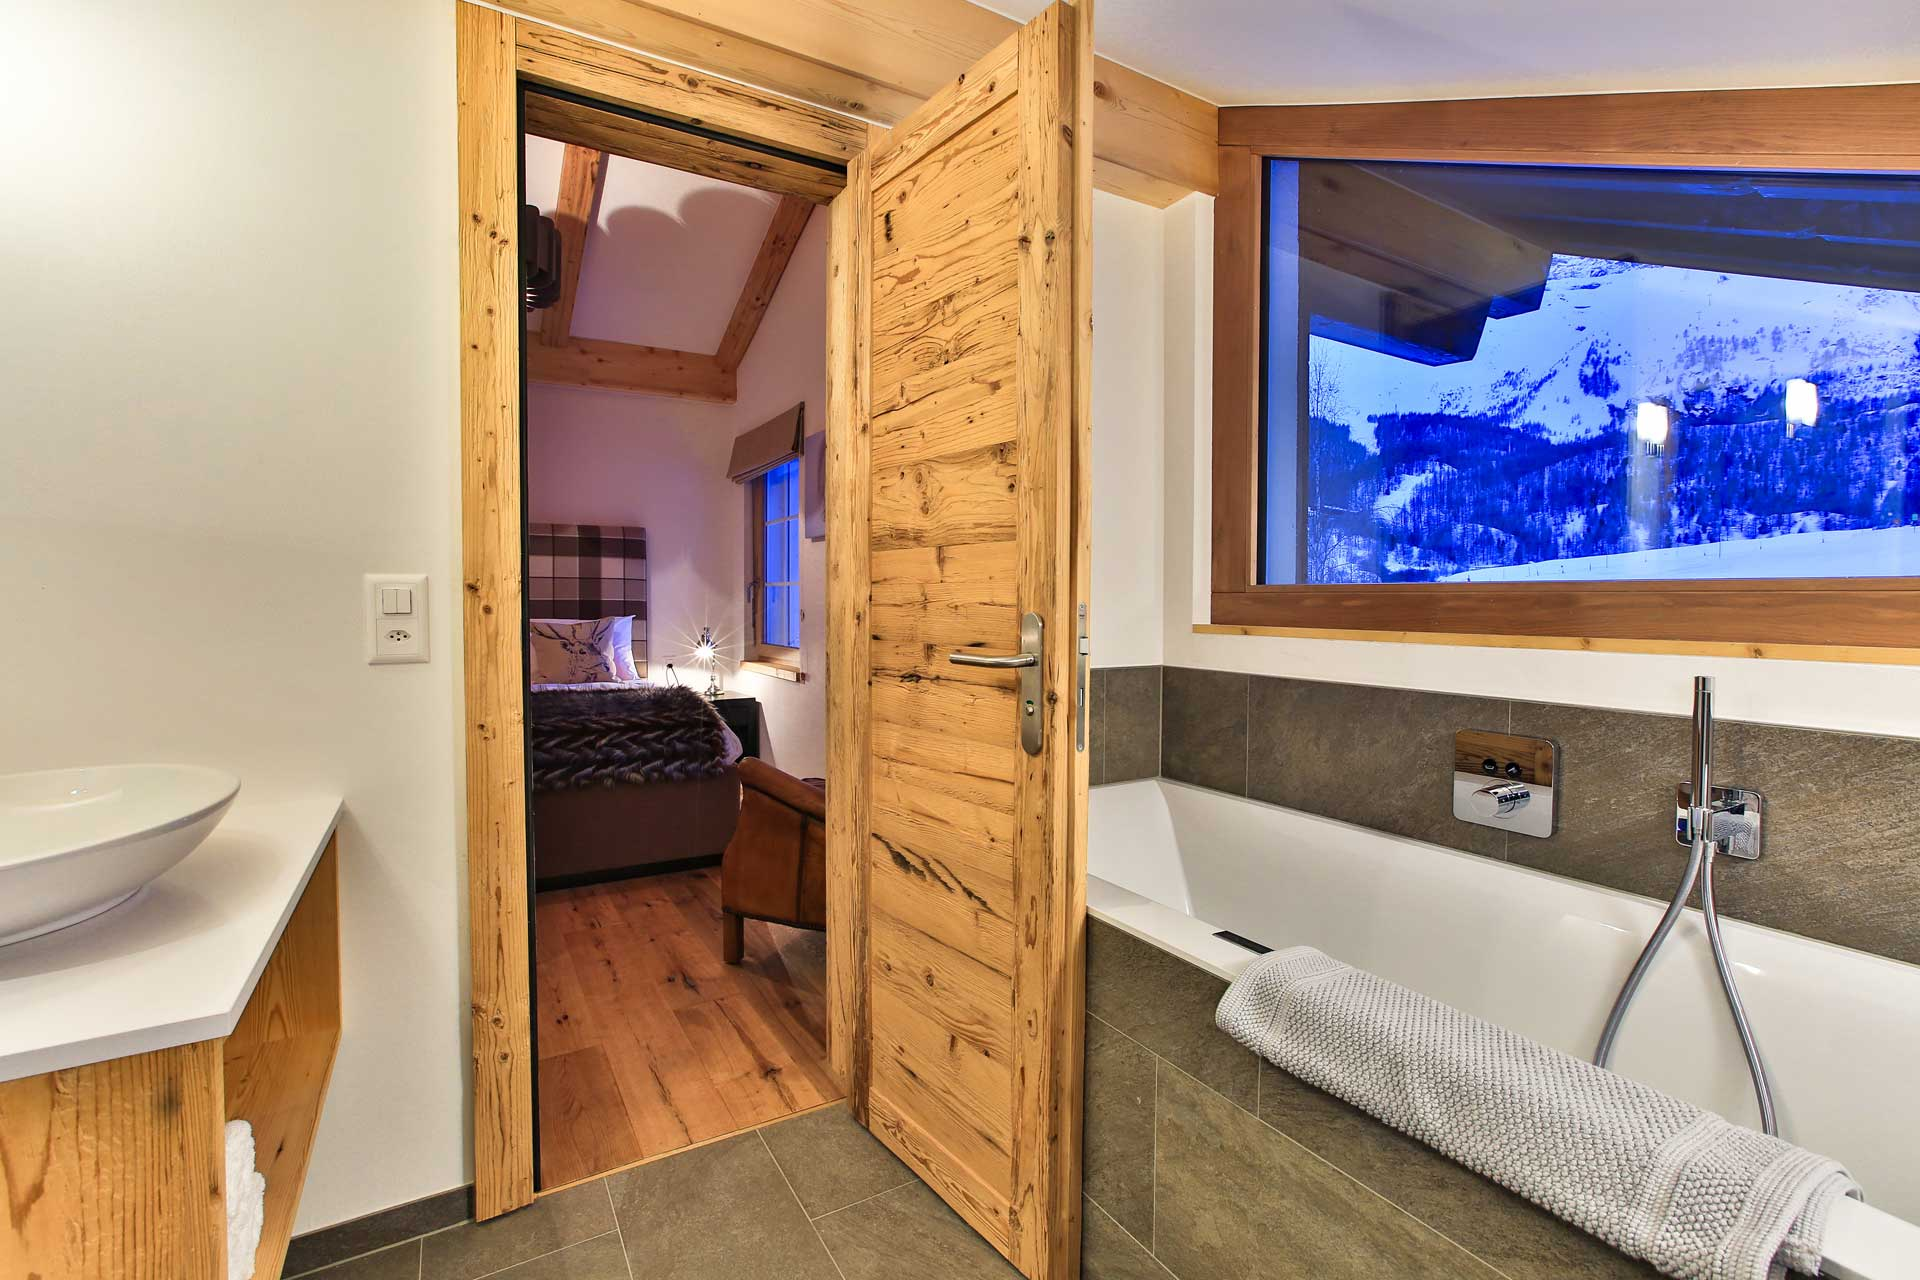 Luxus Appartement Chalet Khione Saas-Fee - Hauptschlafzimmer mit Bad en Suite OG re.